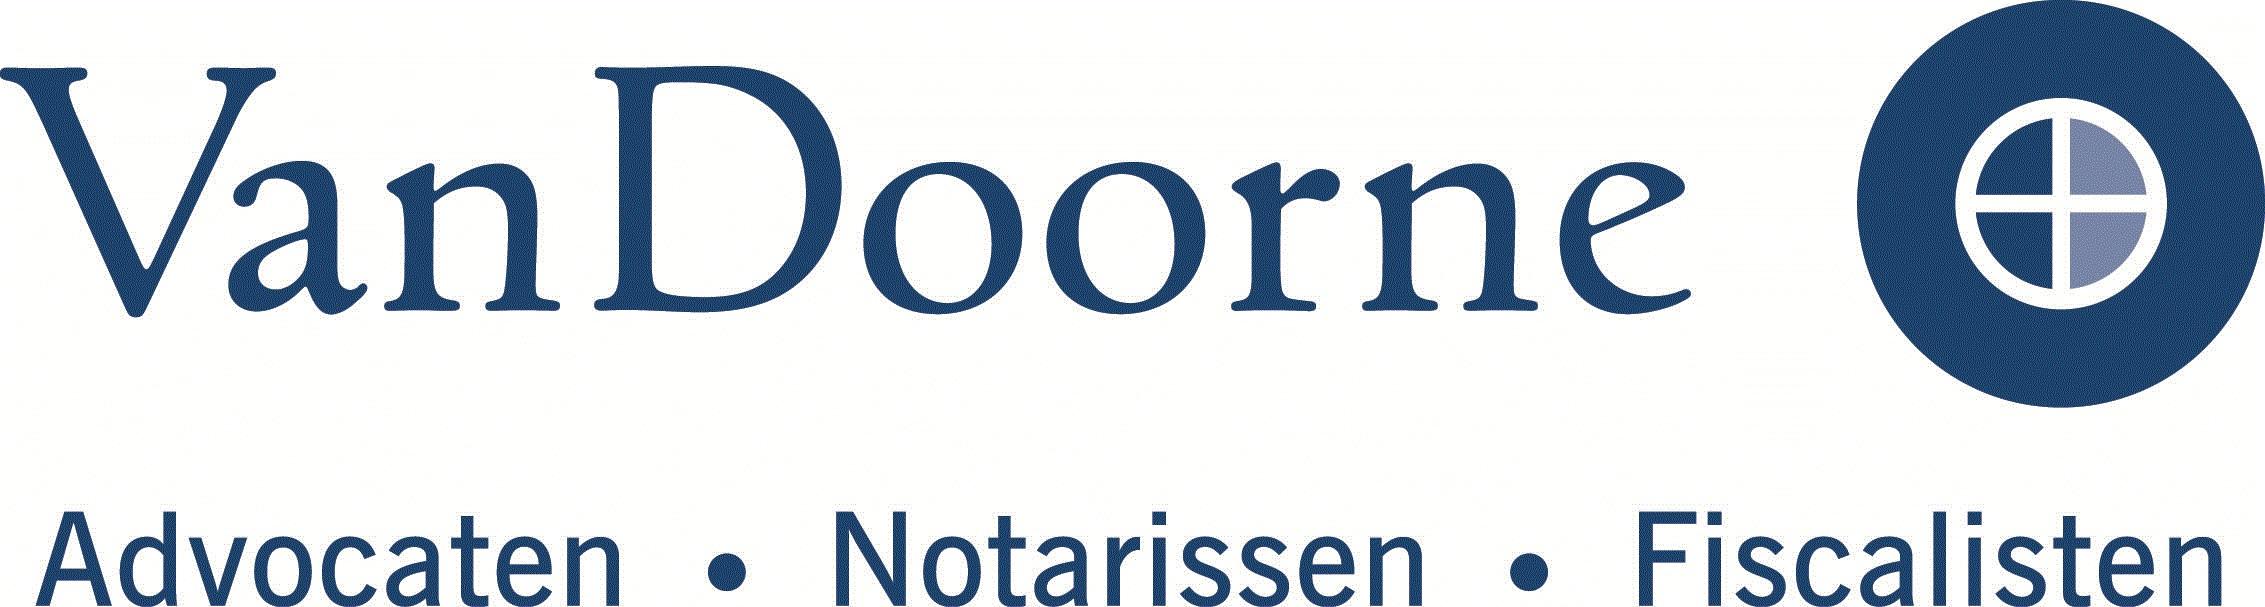 van Doorne logo